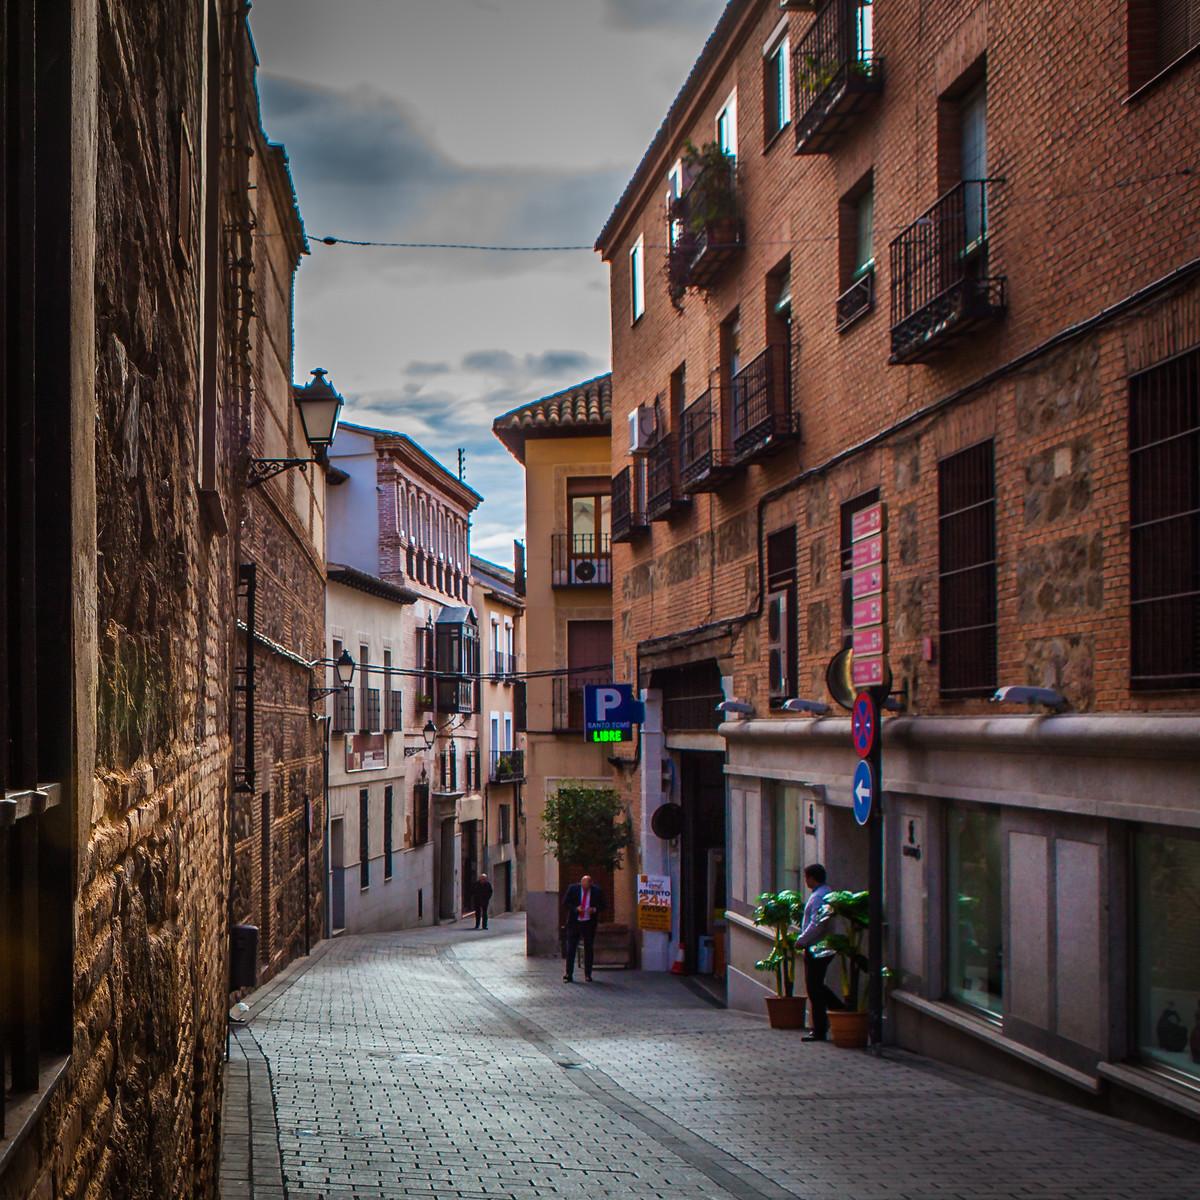 西班牙小镇的小弄堂_图1-3